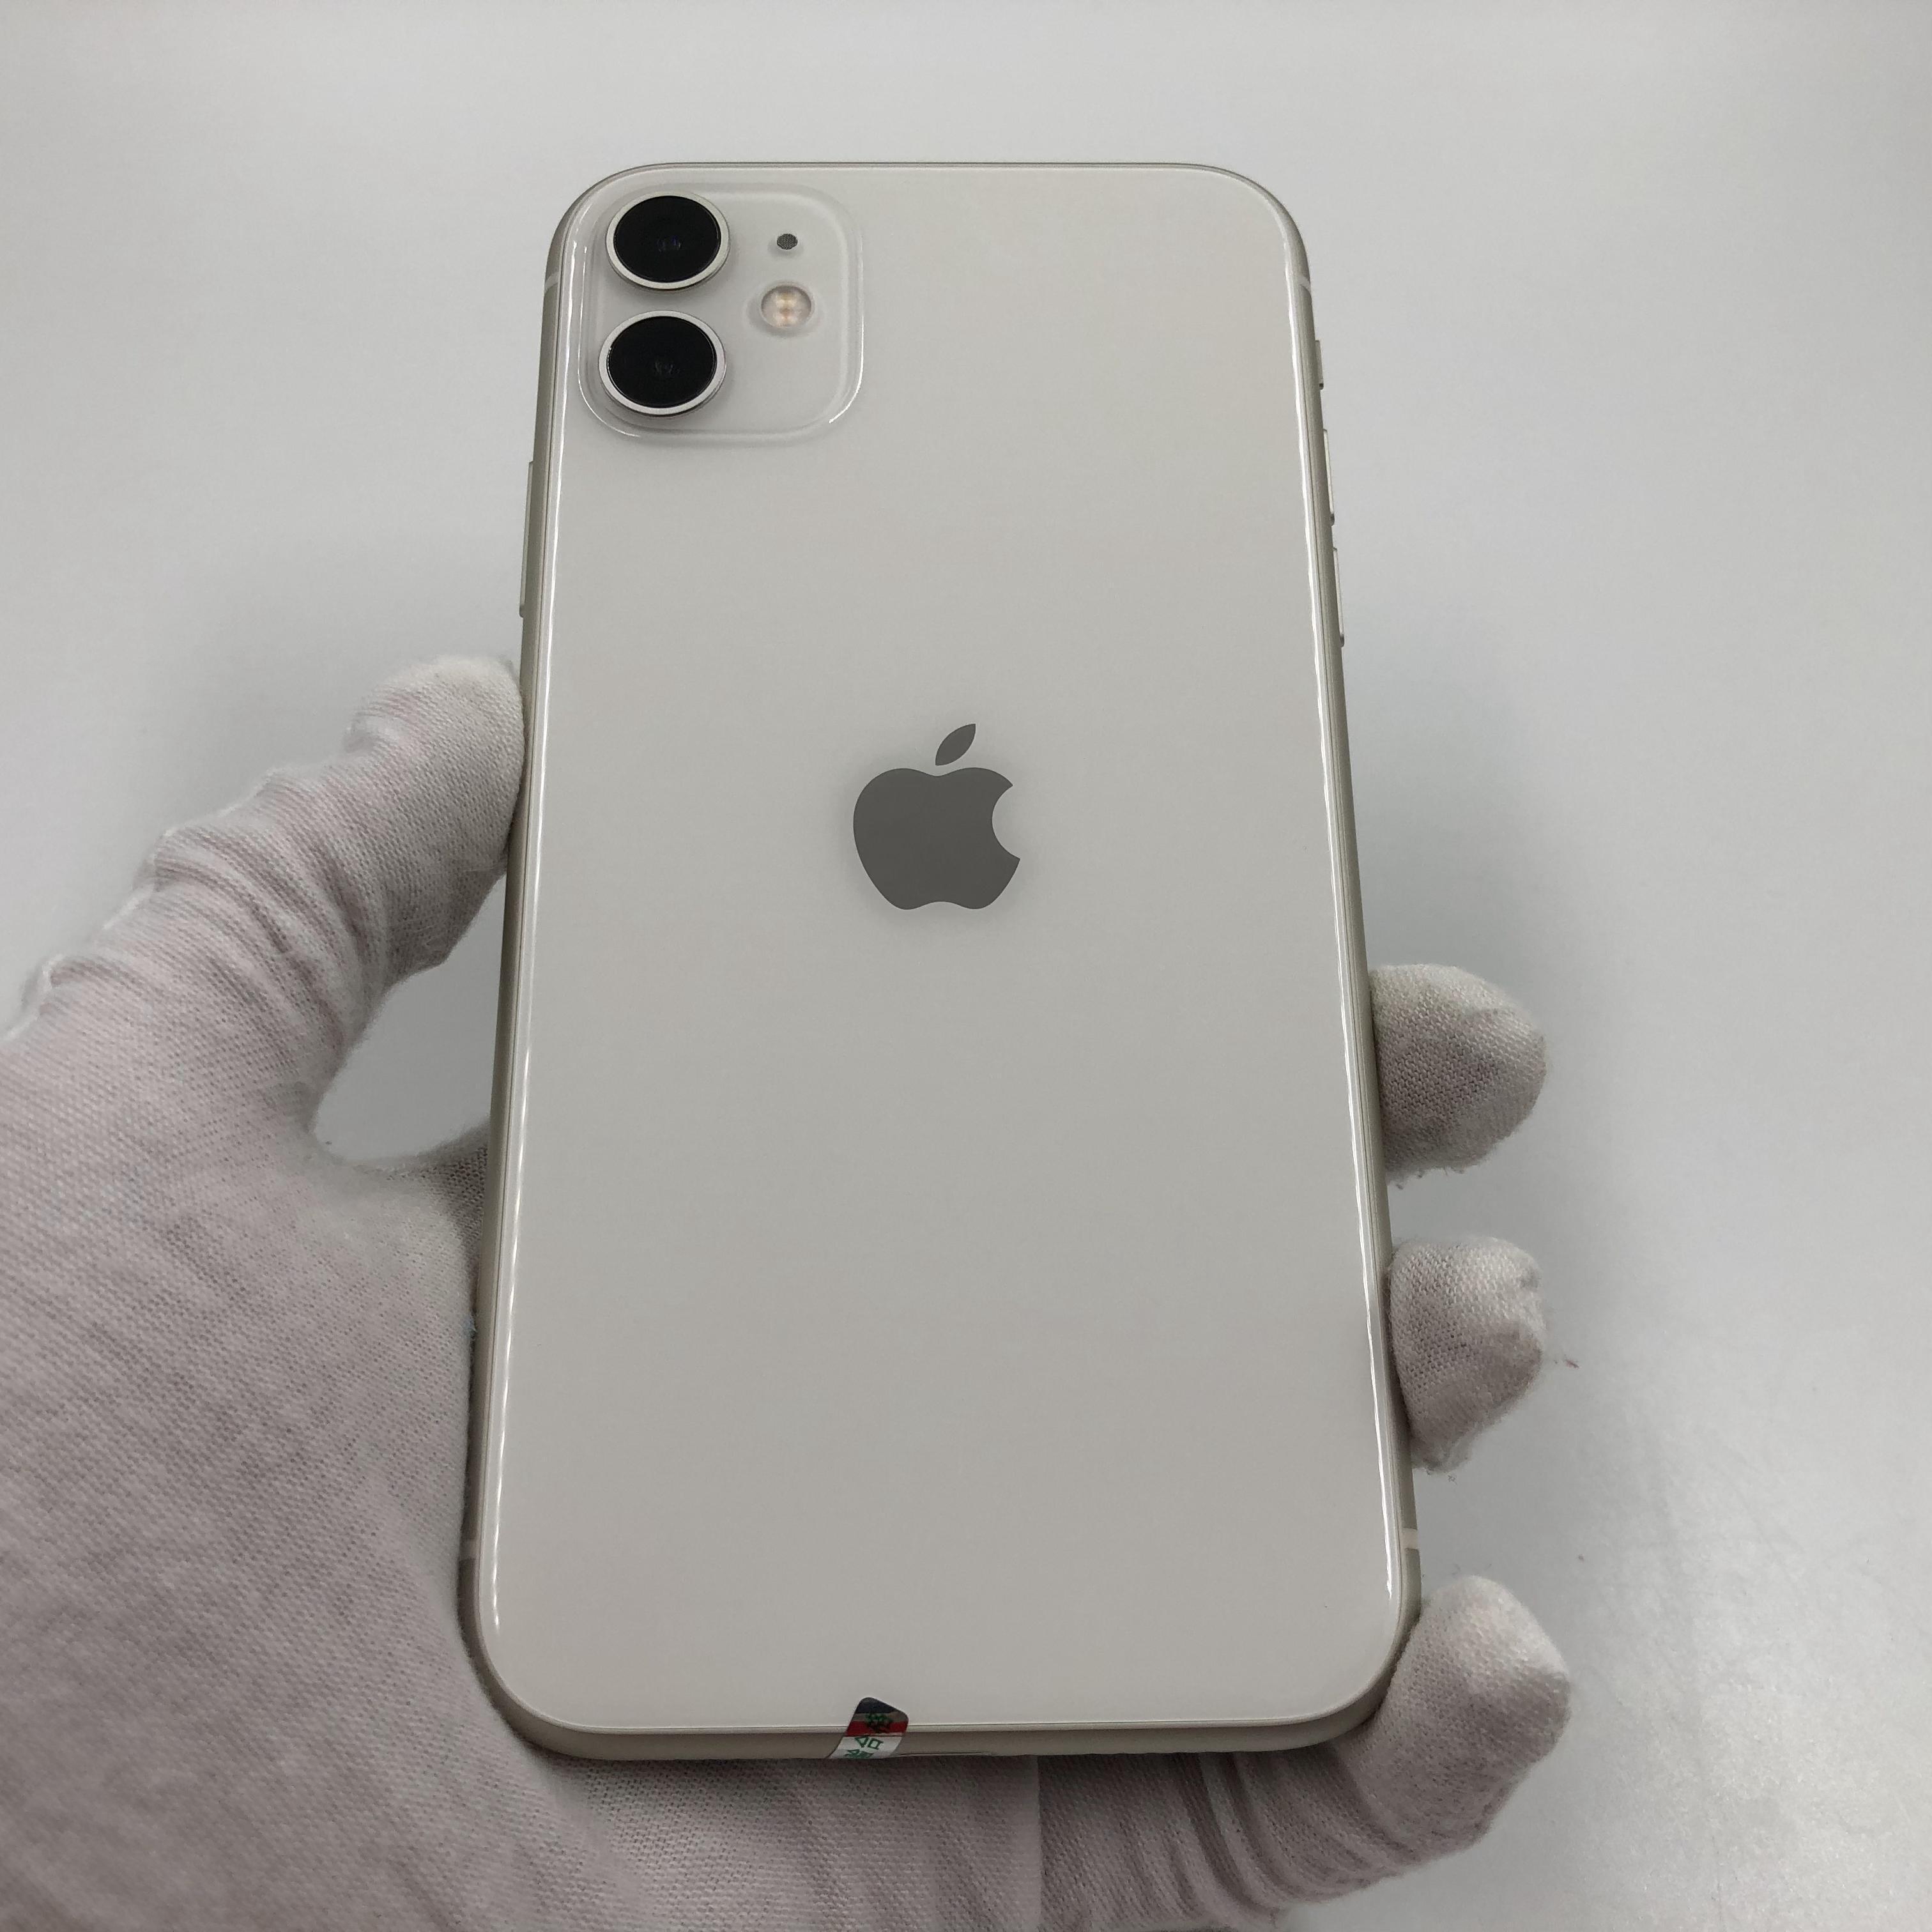 苹果【iPhone 11】4G全网通 白色 64G 国行 95新 真机实拍官保2022-04-26